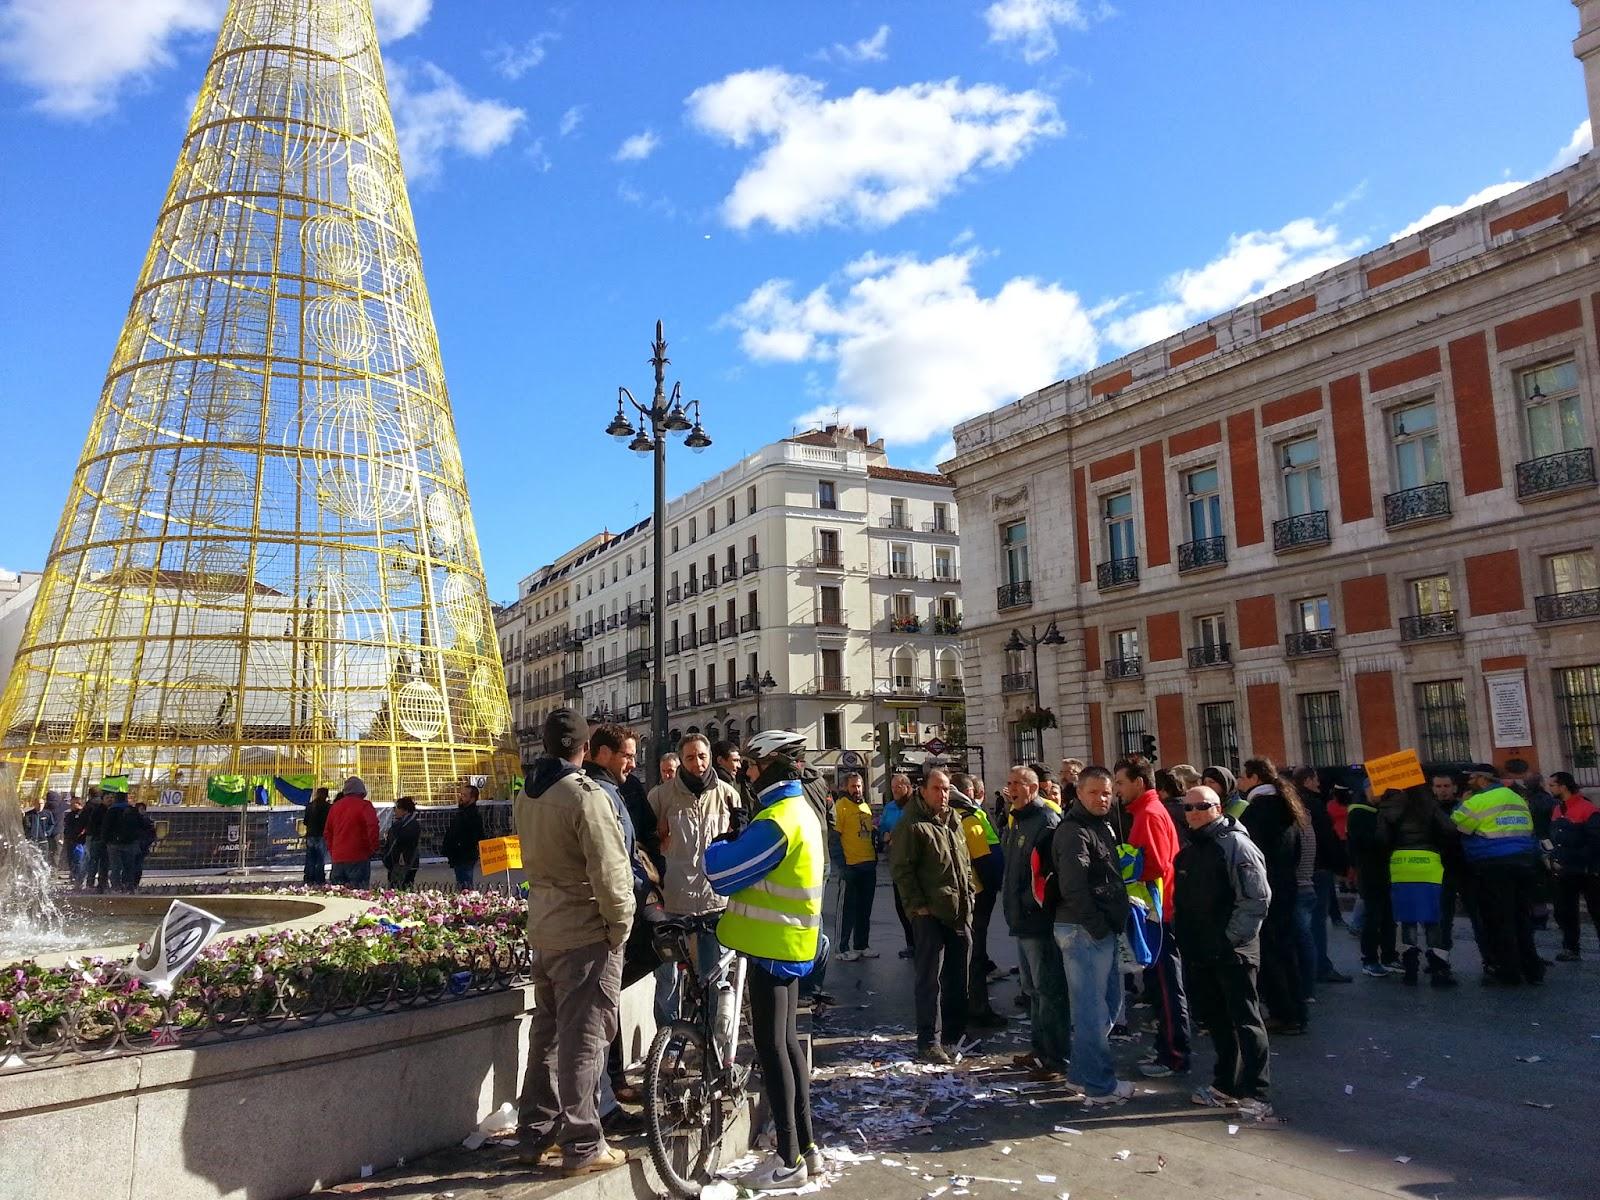 Nosolometro ensayo de las campanadas de nochevieja 2014 for Puerta del sol en nochevieja